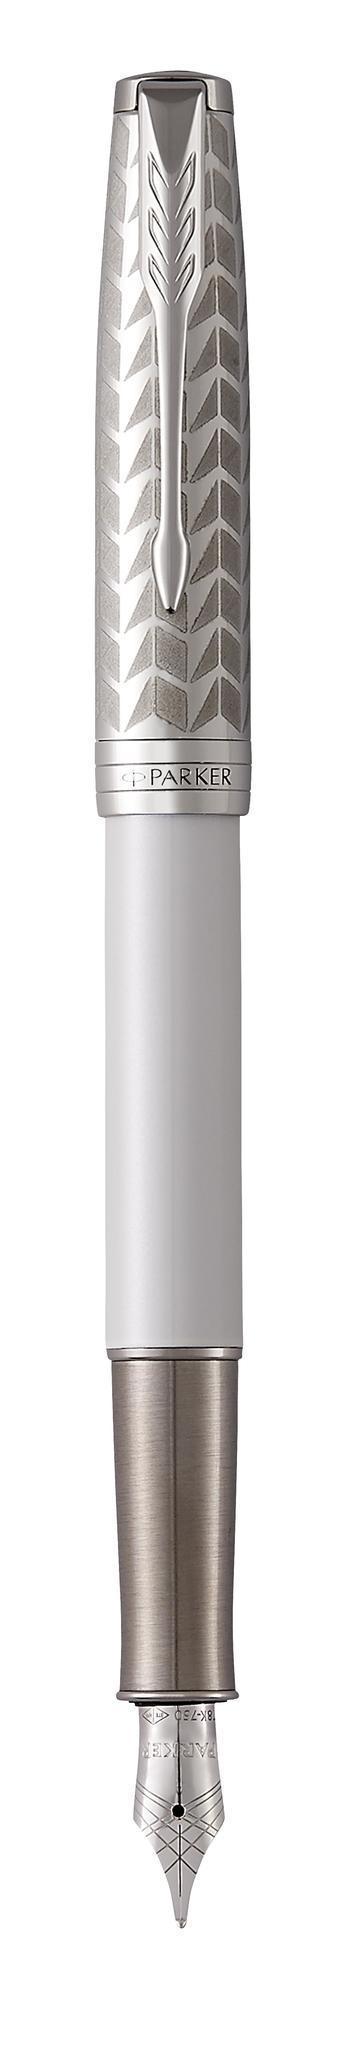 Набор подарочный Parker Sonnet - Pearl Metal PGT ручка перьевая, F + блокнот и органайзер